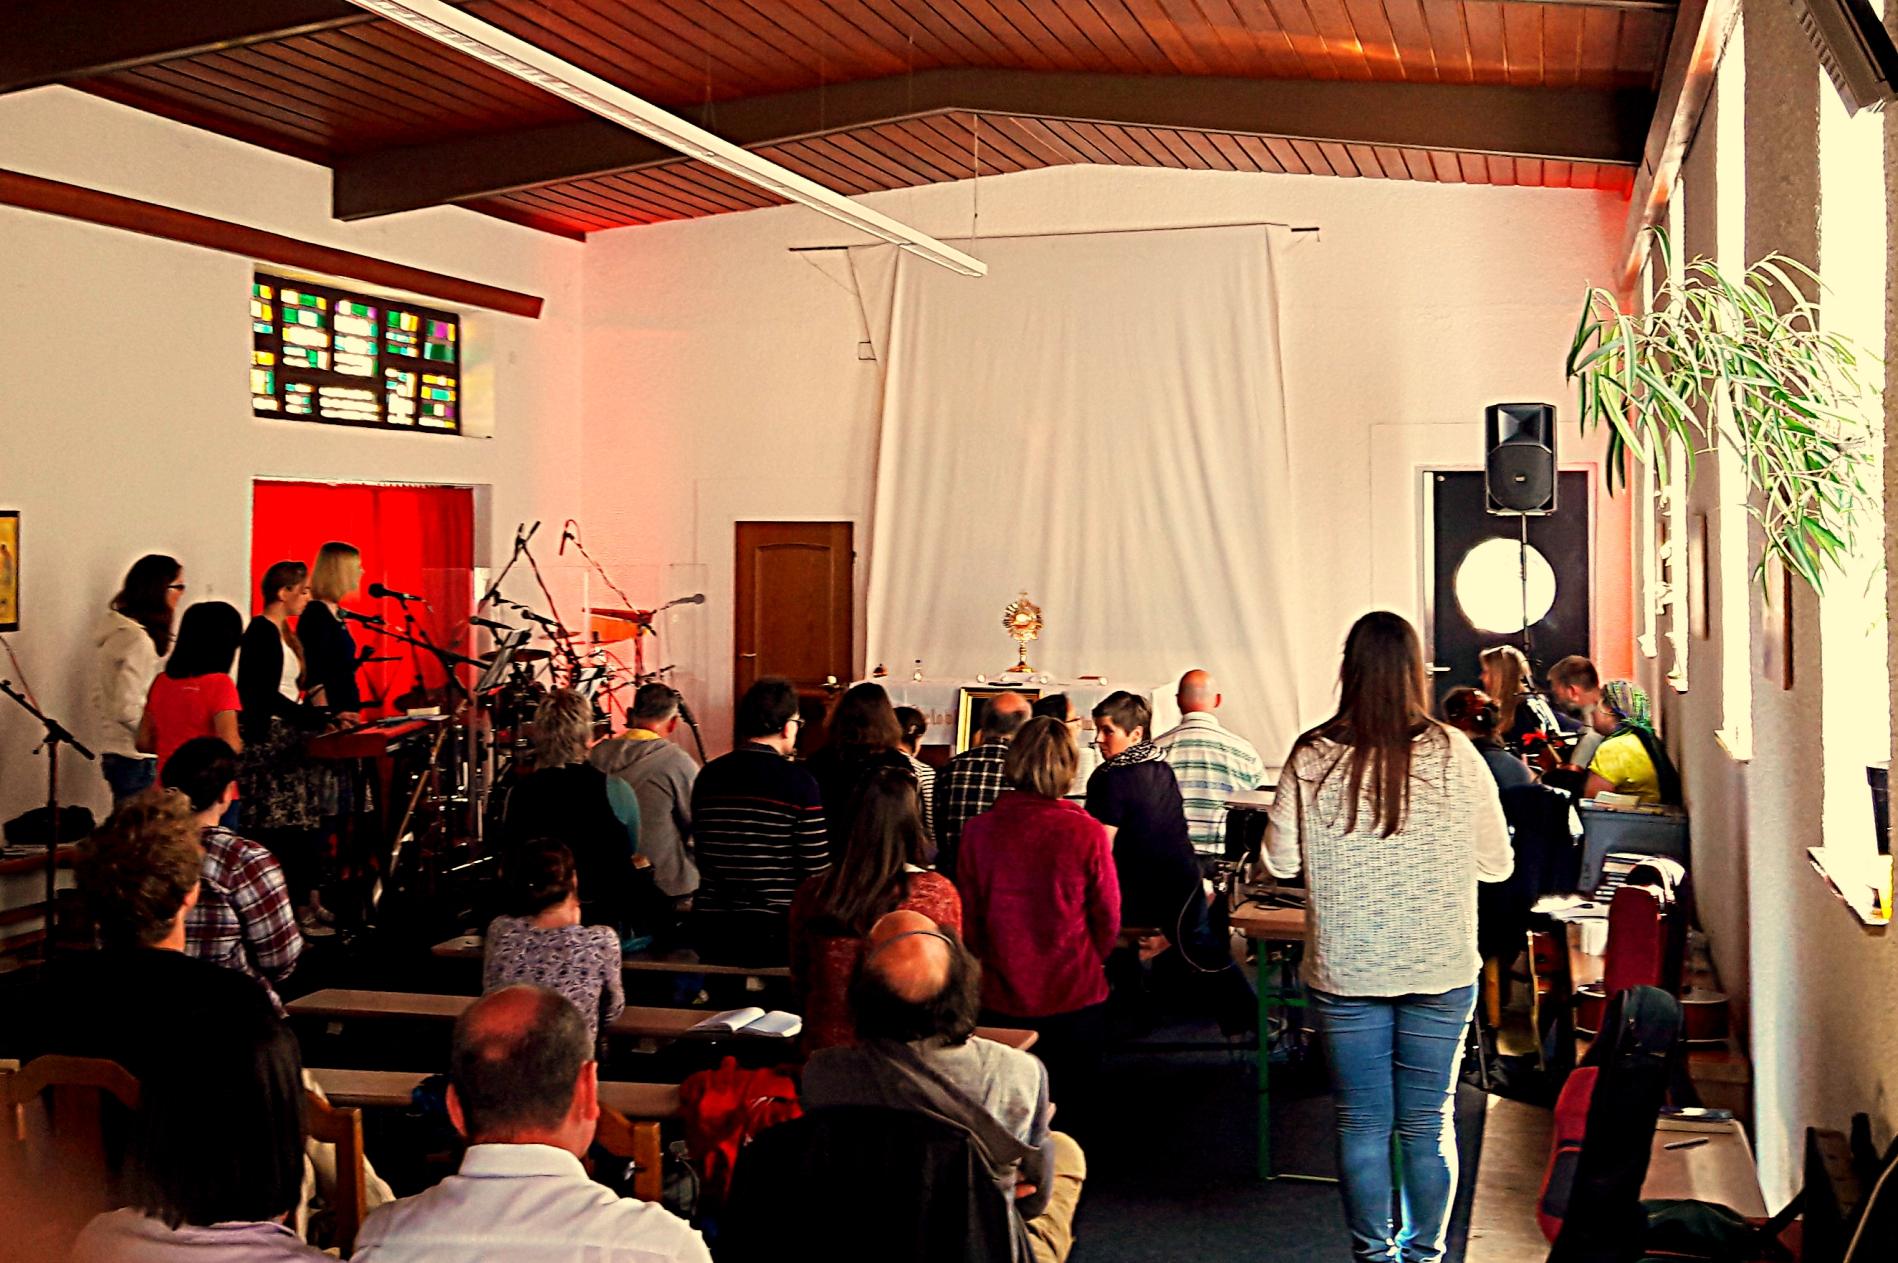 PropheticWorshipCamp2016@www.anbetung-heilung.de